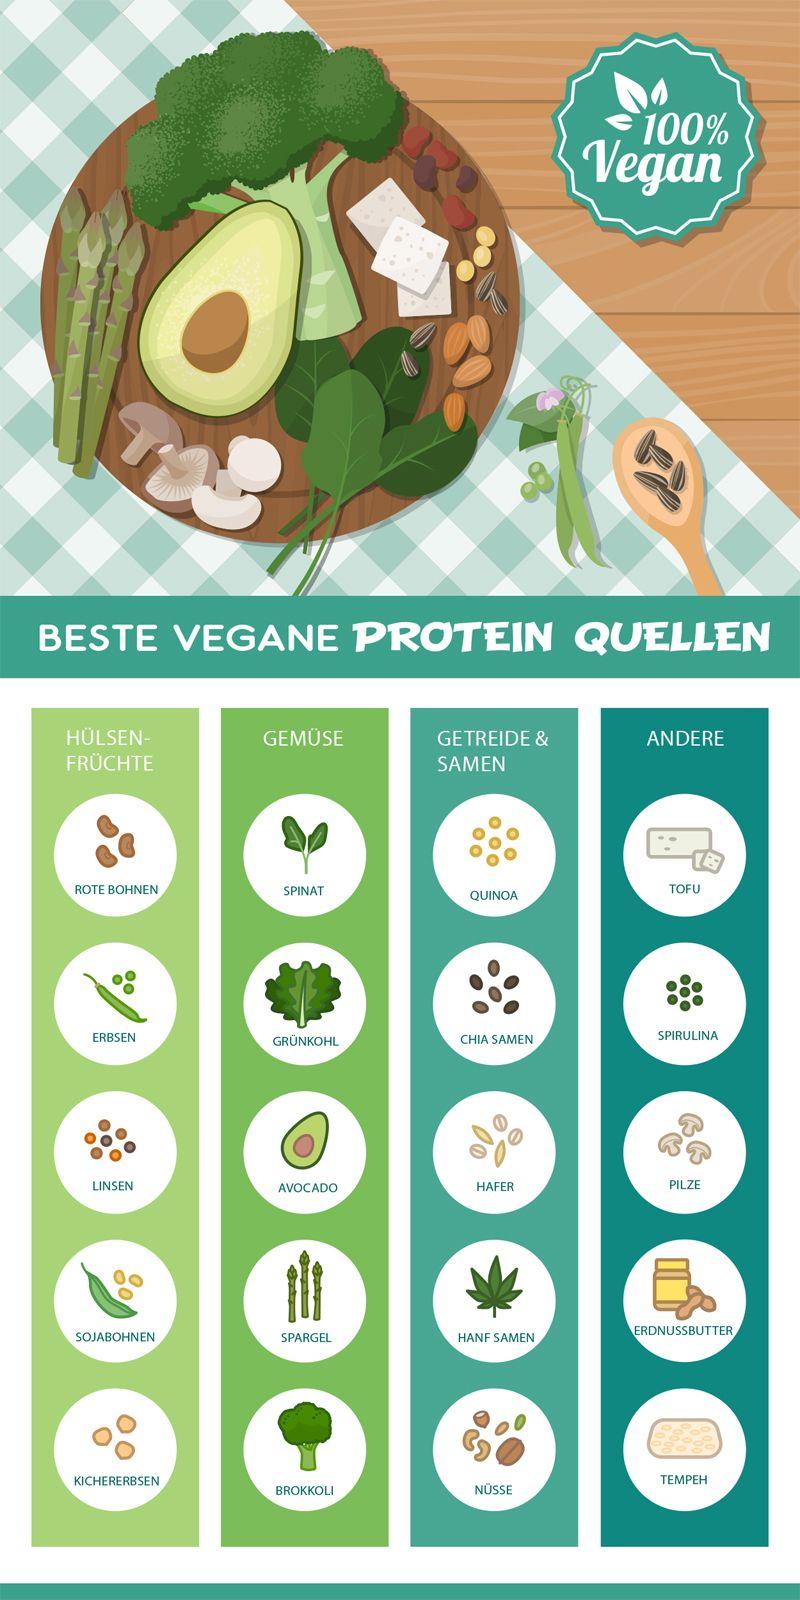 Sportnahrung Engel zeigt die besten veganen Proteinquellen